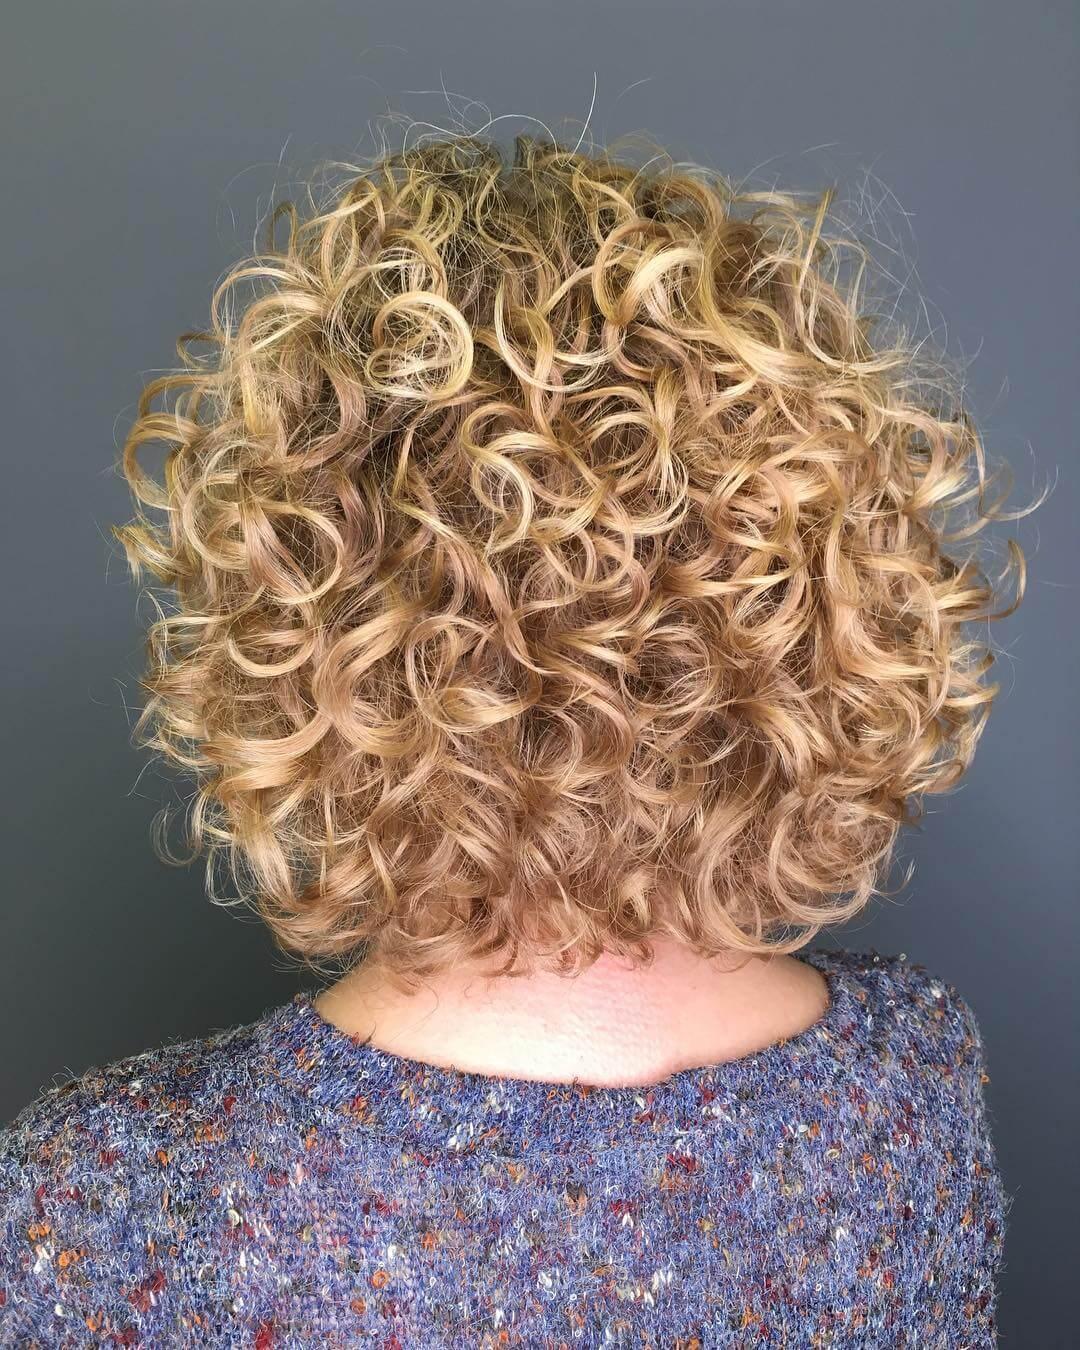 Долговременная укладка волос на короткие волосы: отзывы